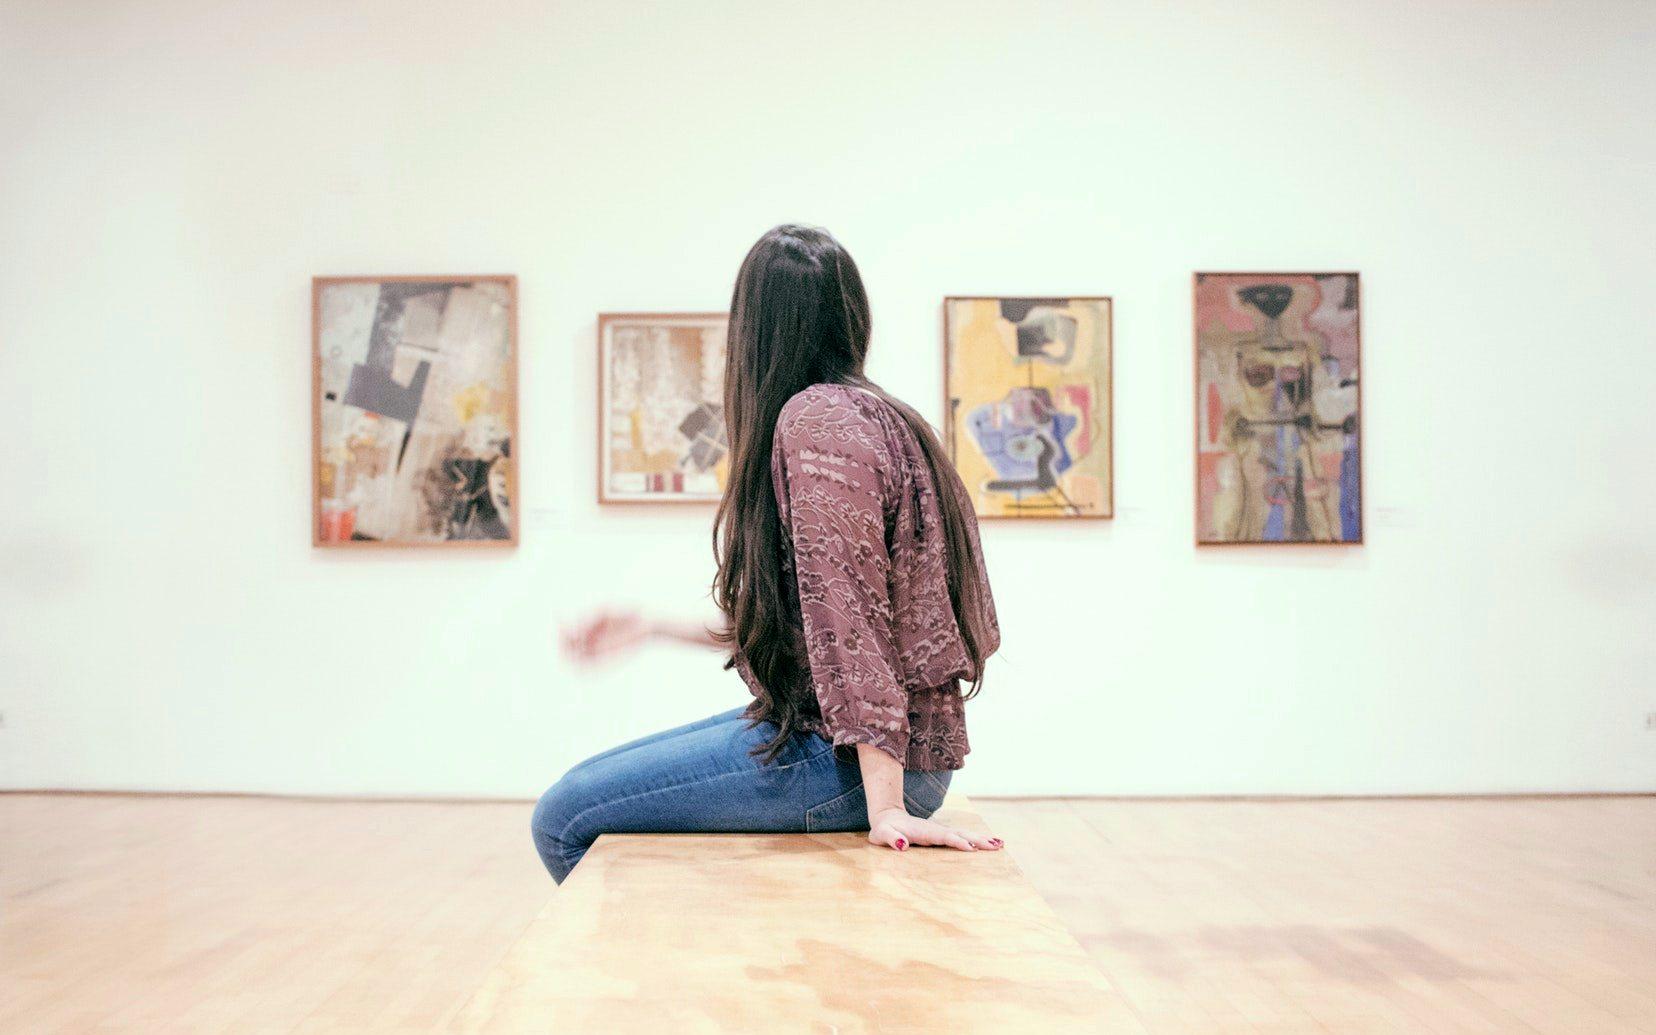 Посещение музеев и галерей избавляет от стресса: ученые